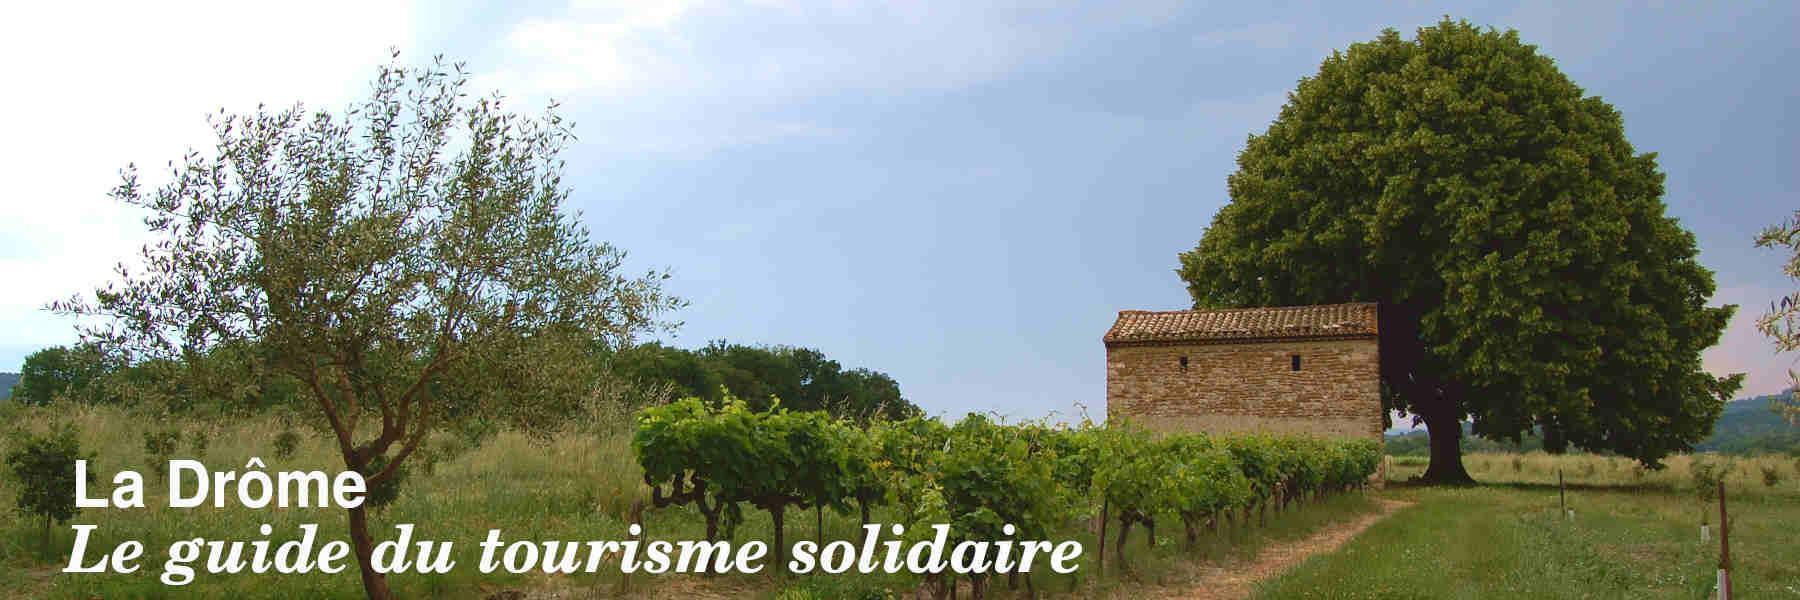 Le guide du tourisme solidaire de la Drôme